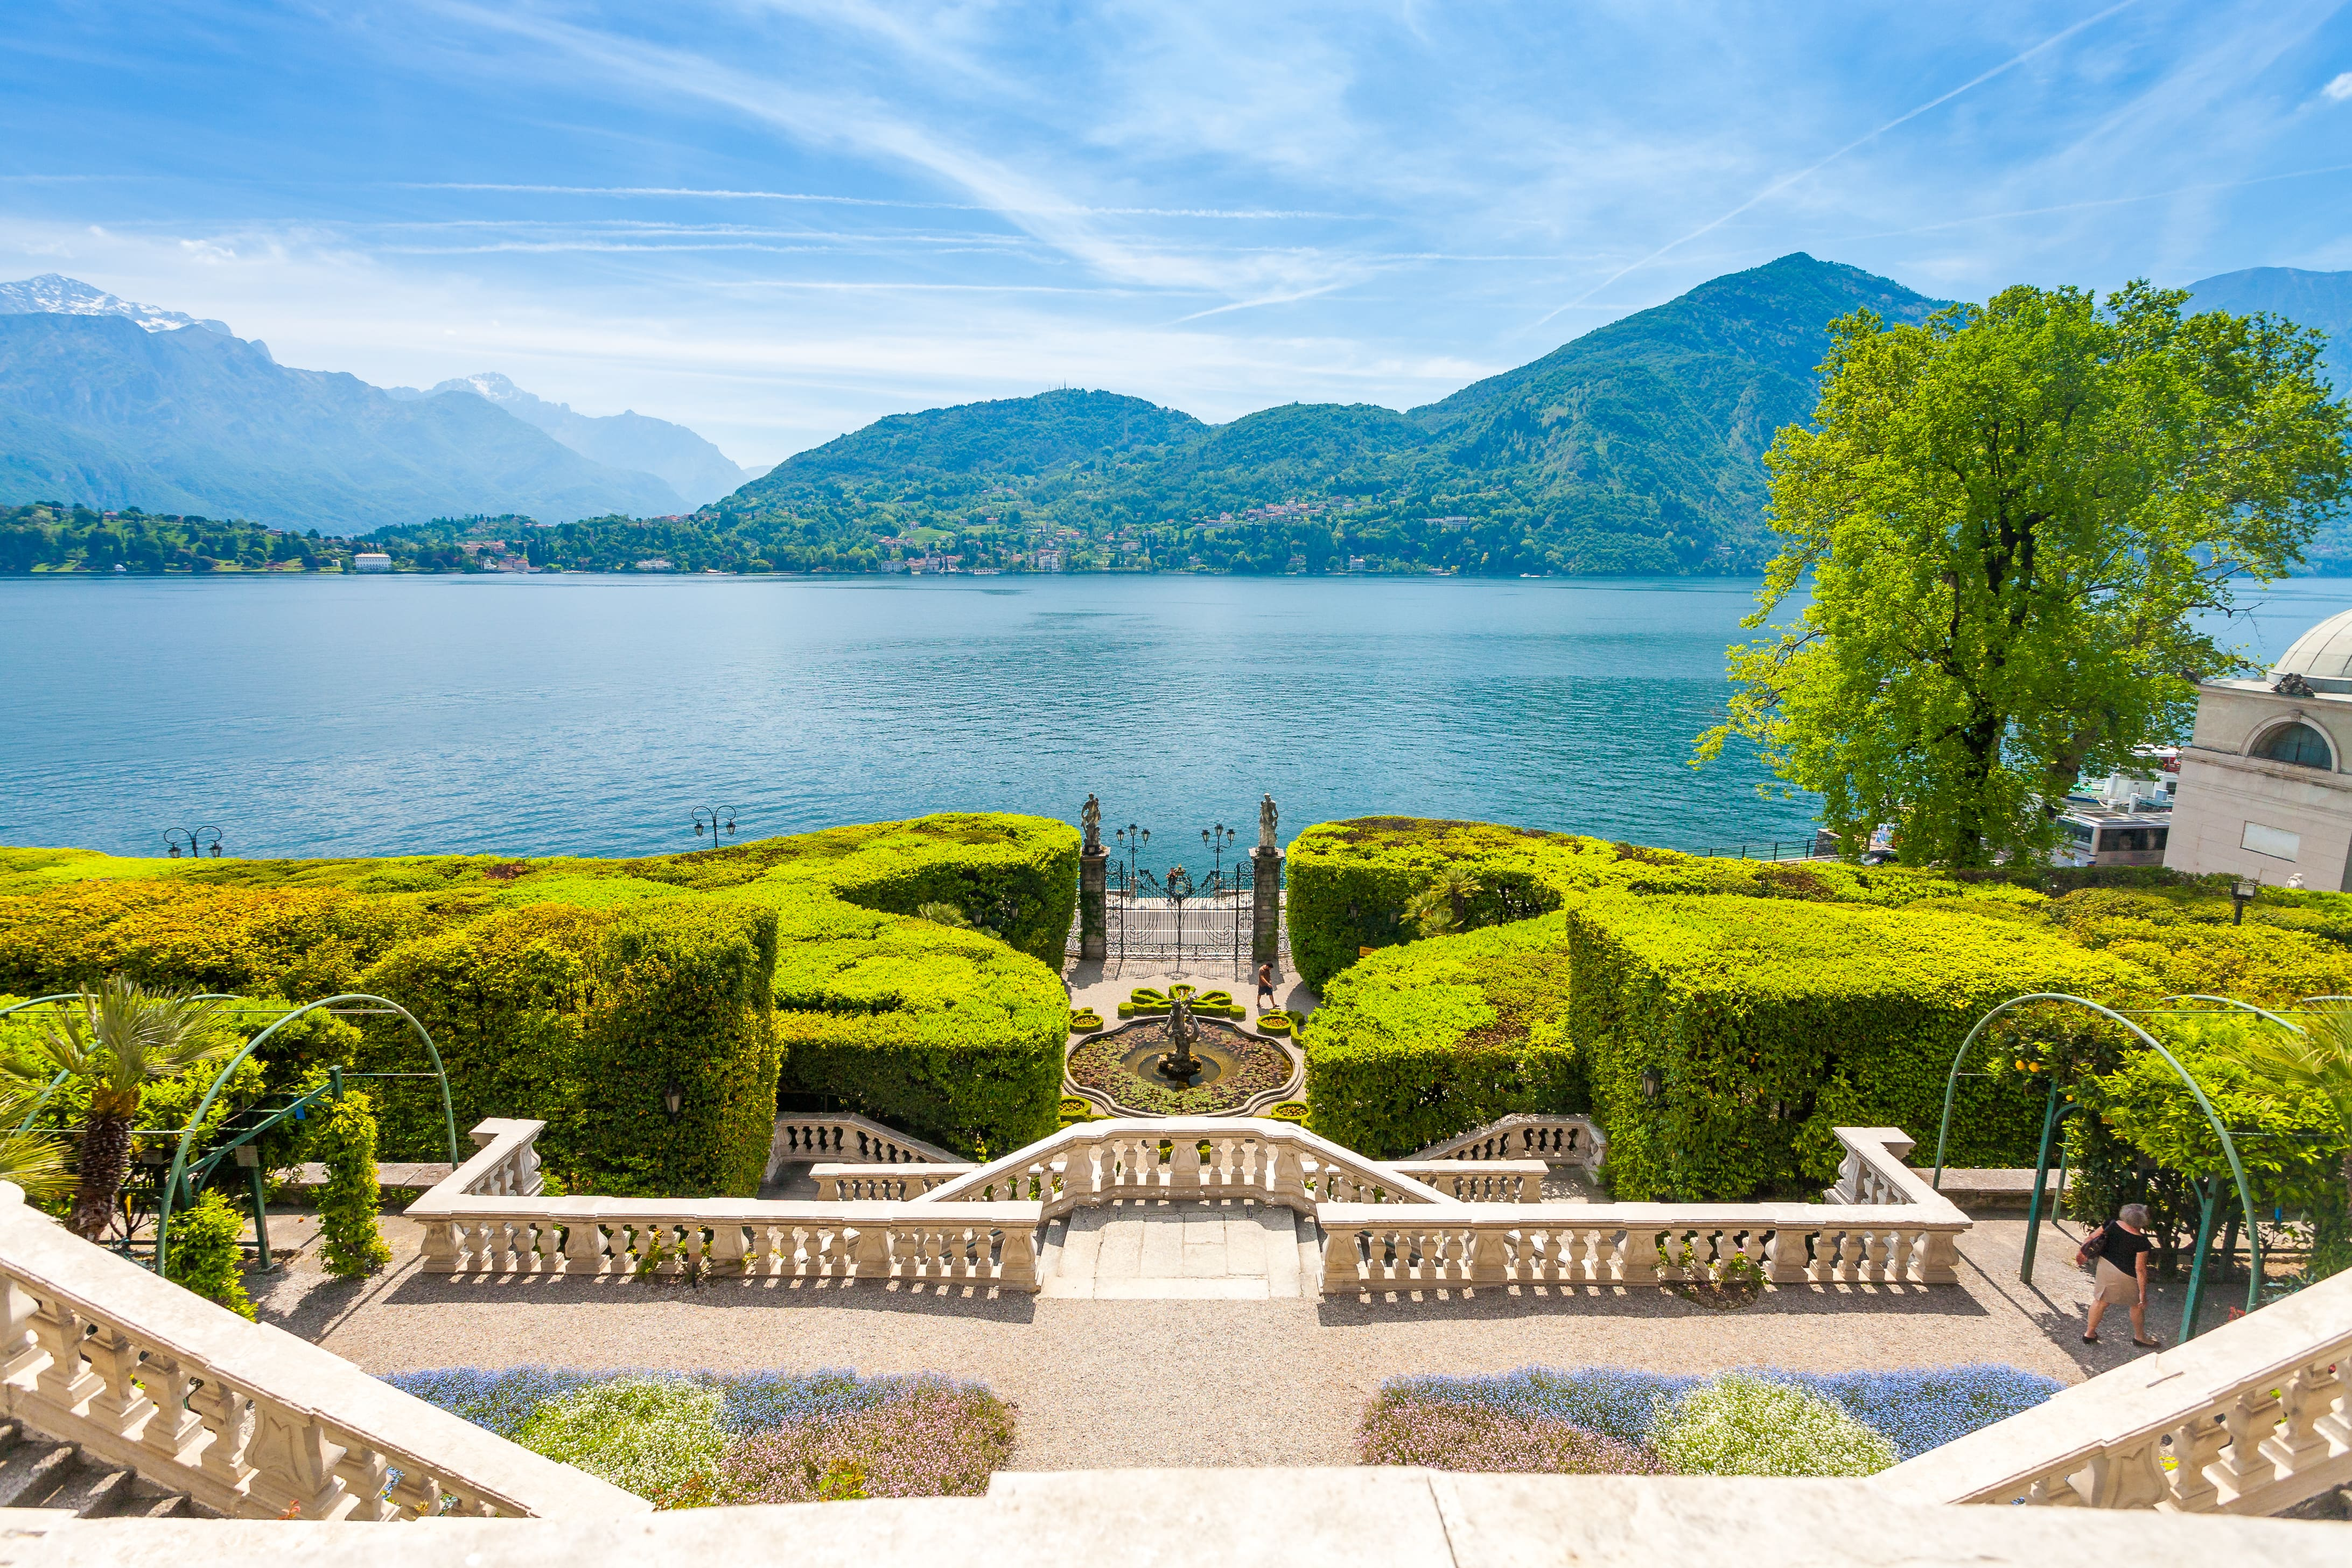 Villa Carlotta gardens and view over Lake Como